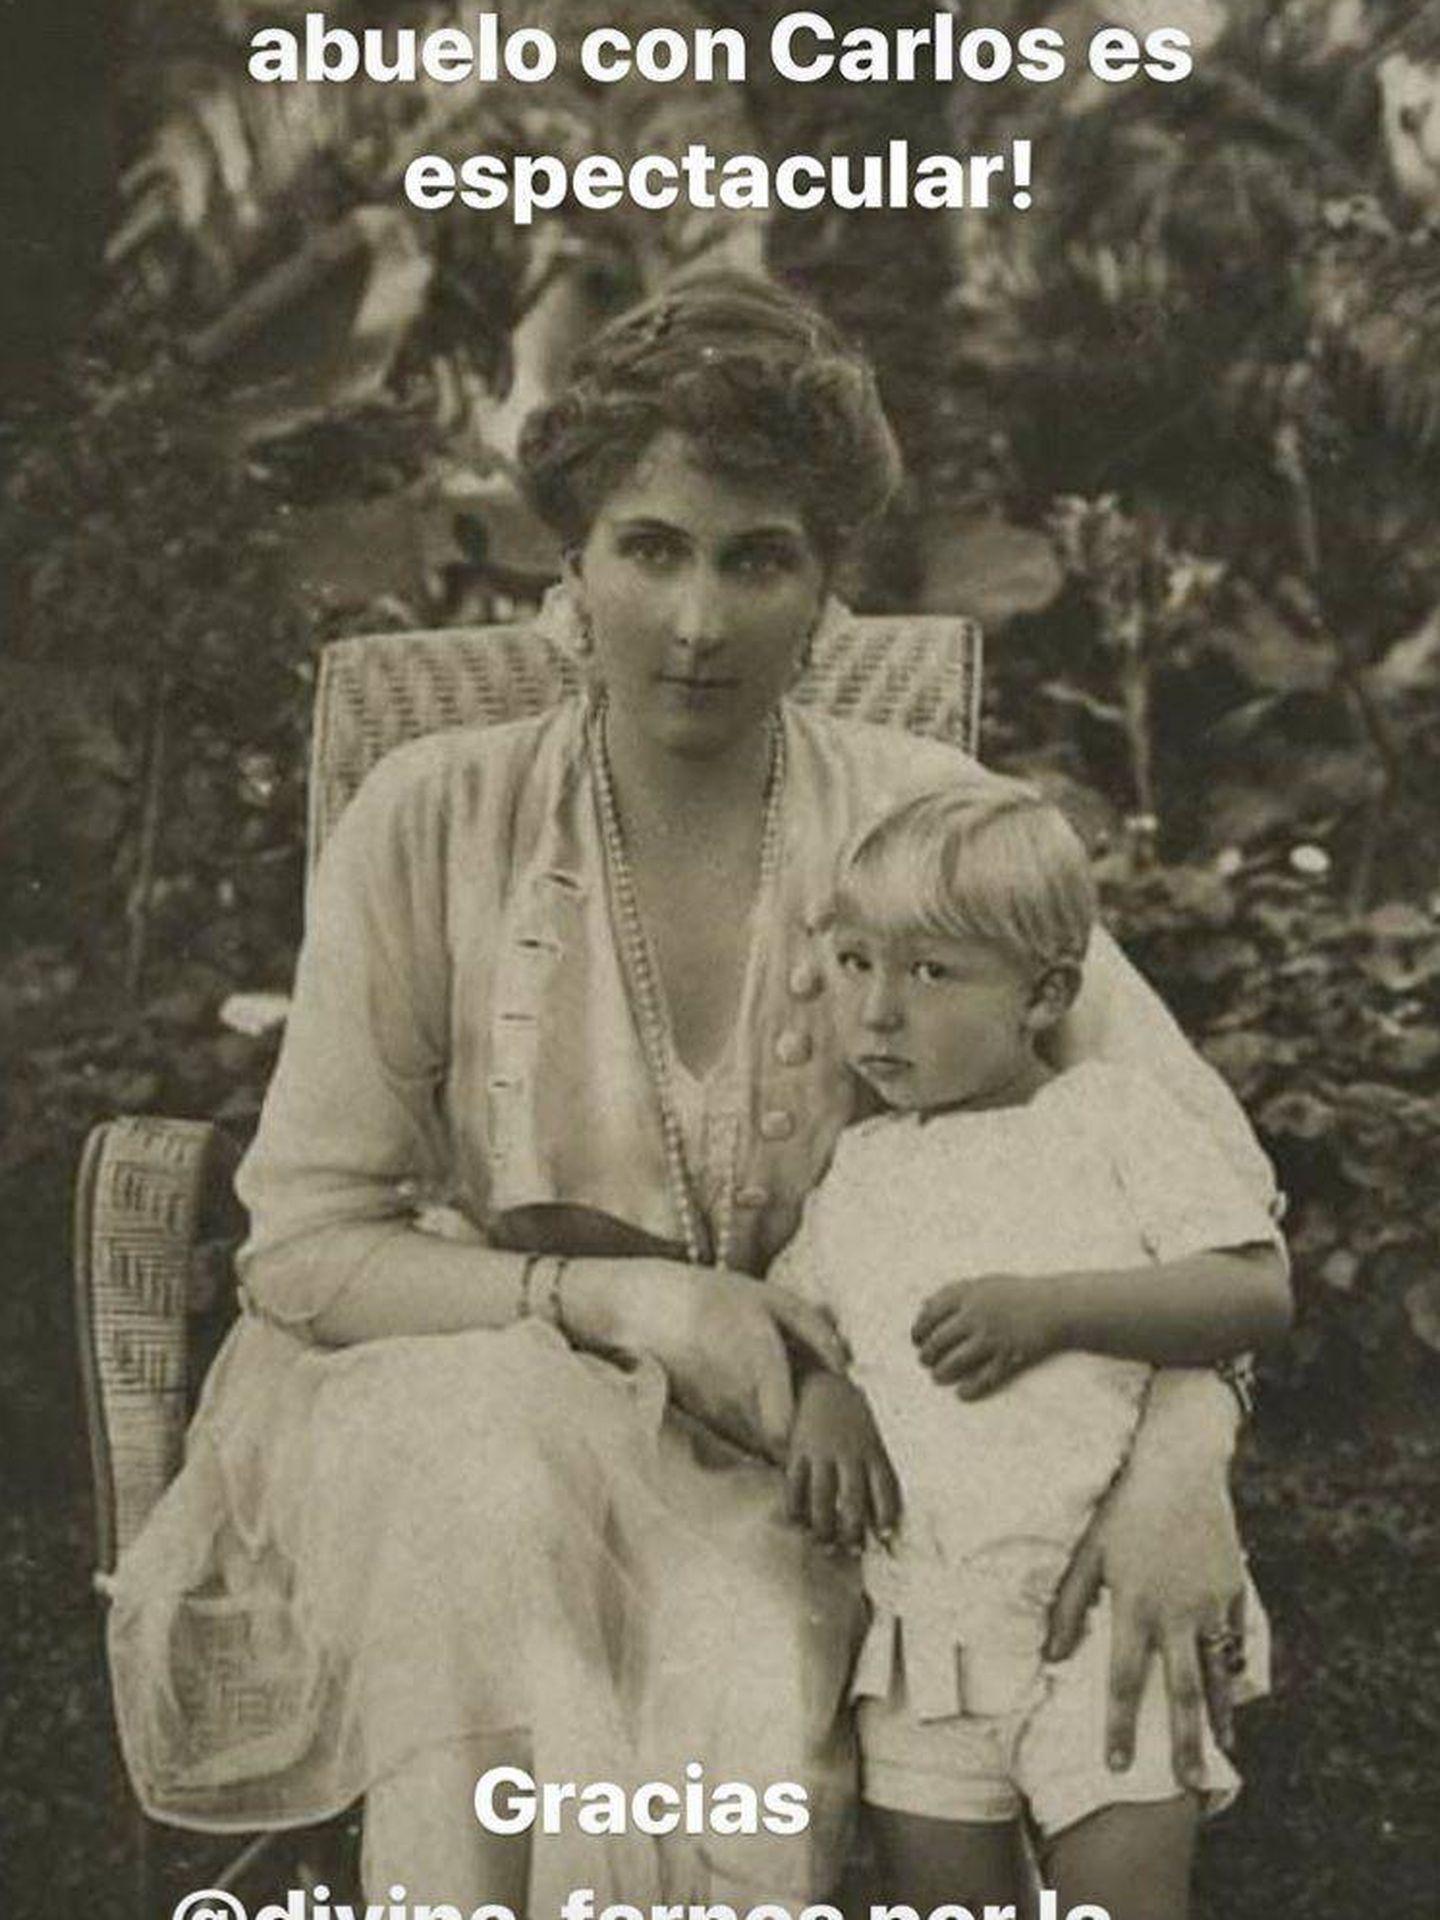 Imagen de la reina Victoria Eugenia con Juan de Borbón, compartida por María Zurita. (@mariazuritaborbon)